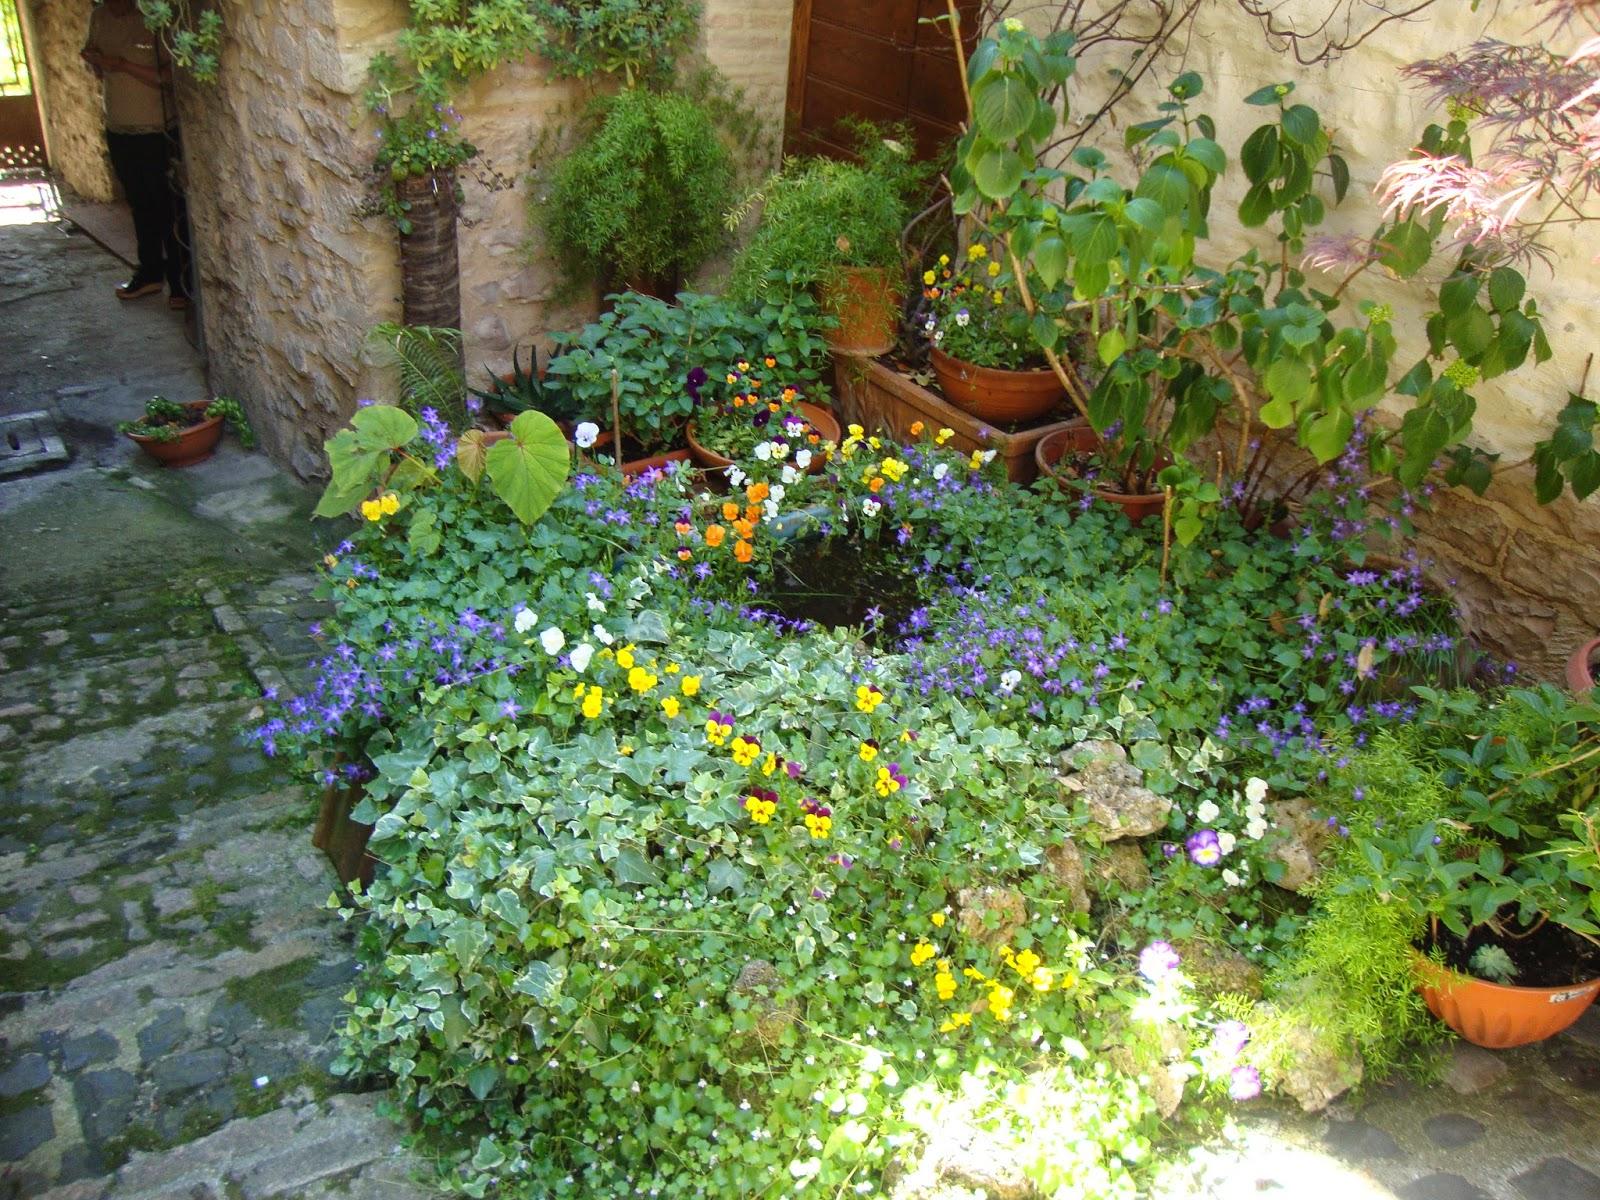 Un piccolo giardino in citt il giardiniere umbro non si for Allestire piccoli giardini